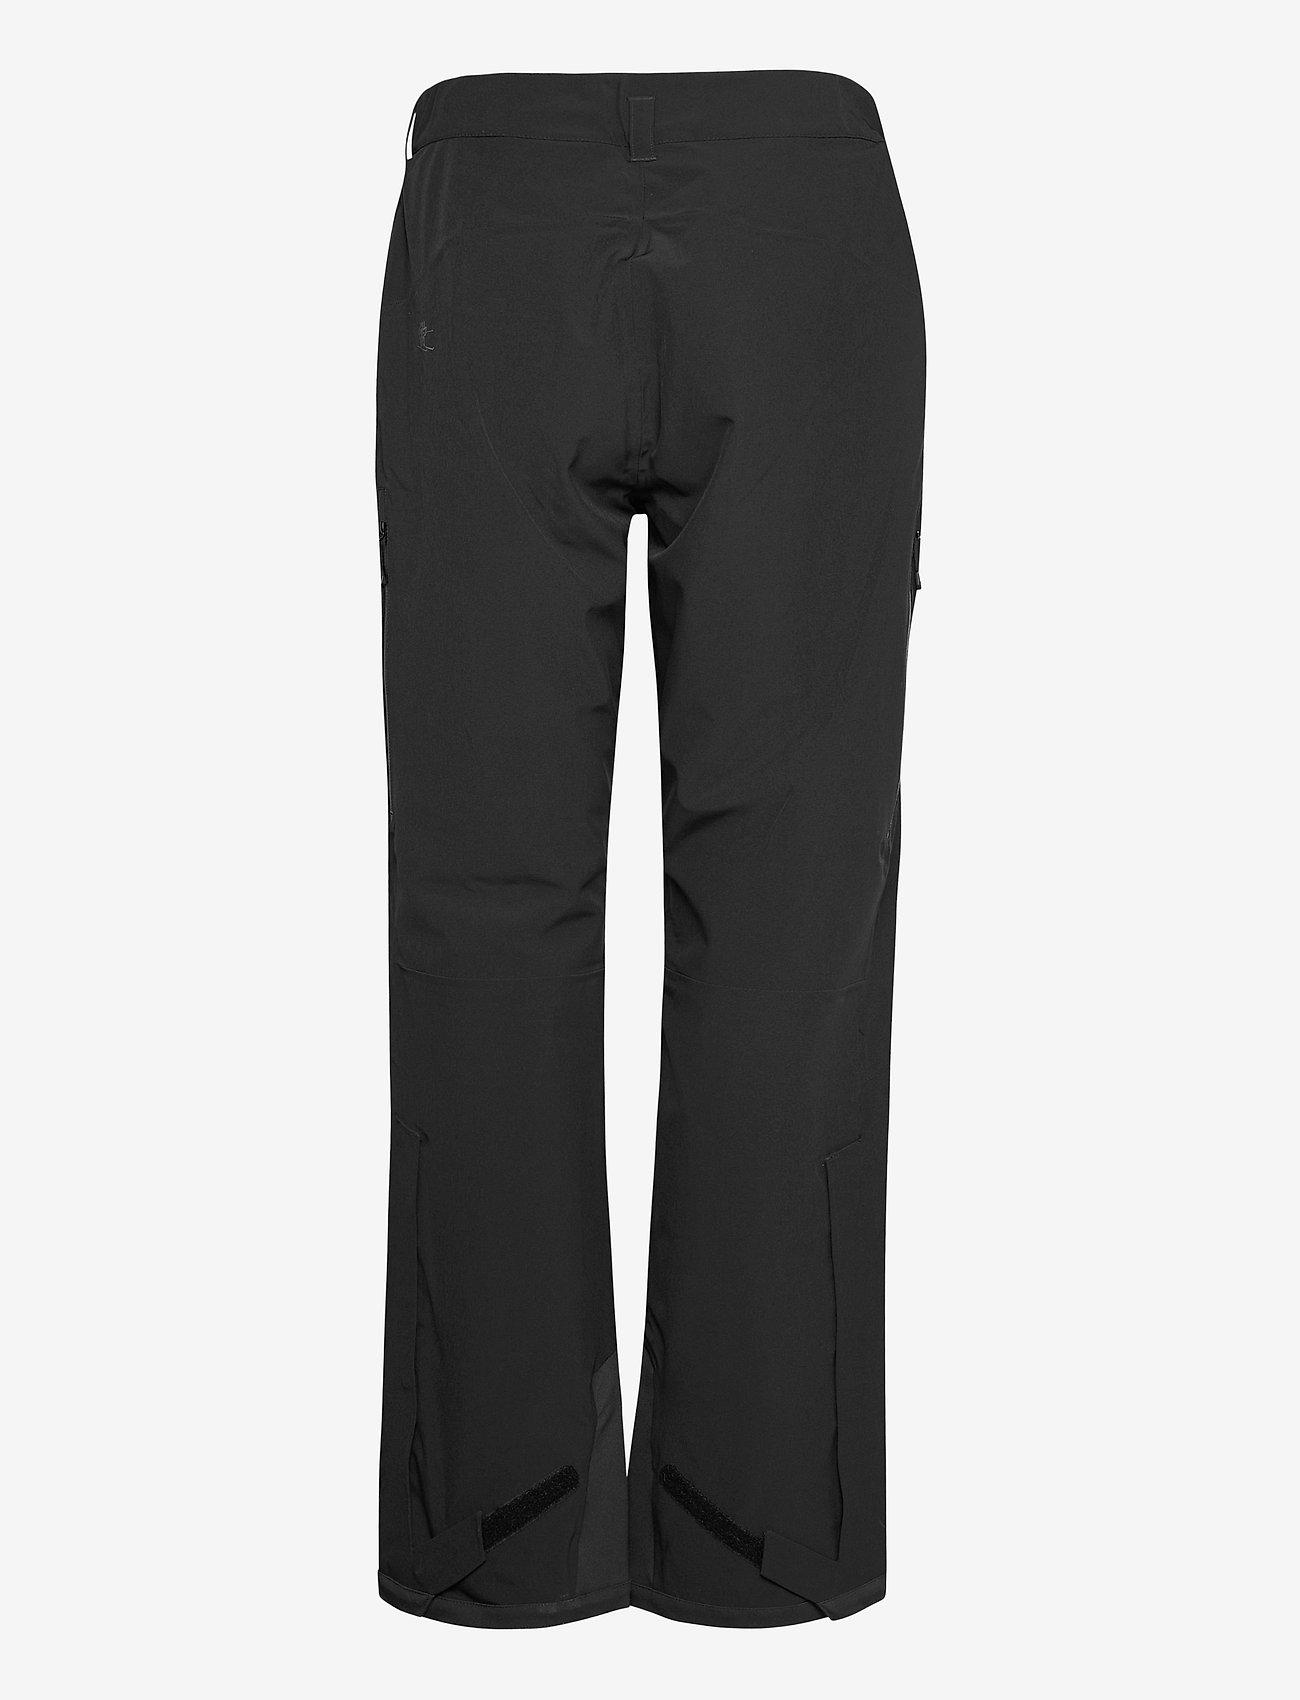 Bergans - Oppdal Lady Pnt - skibroeken - black / solid charcoal - 1